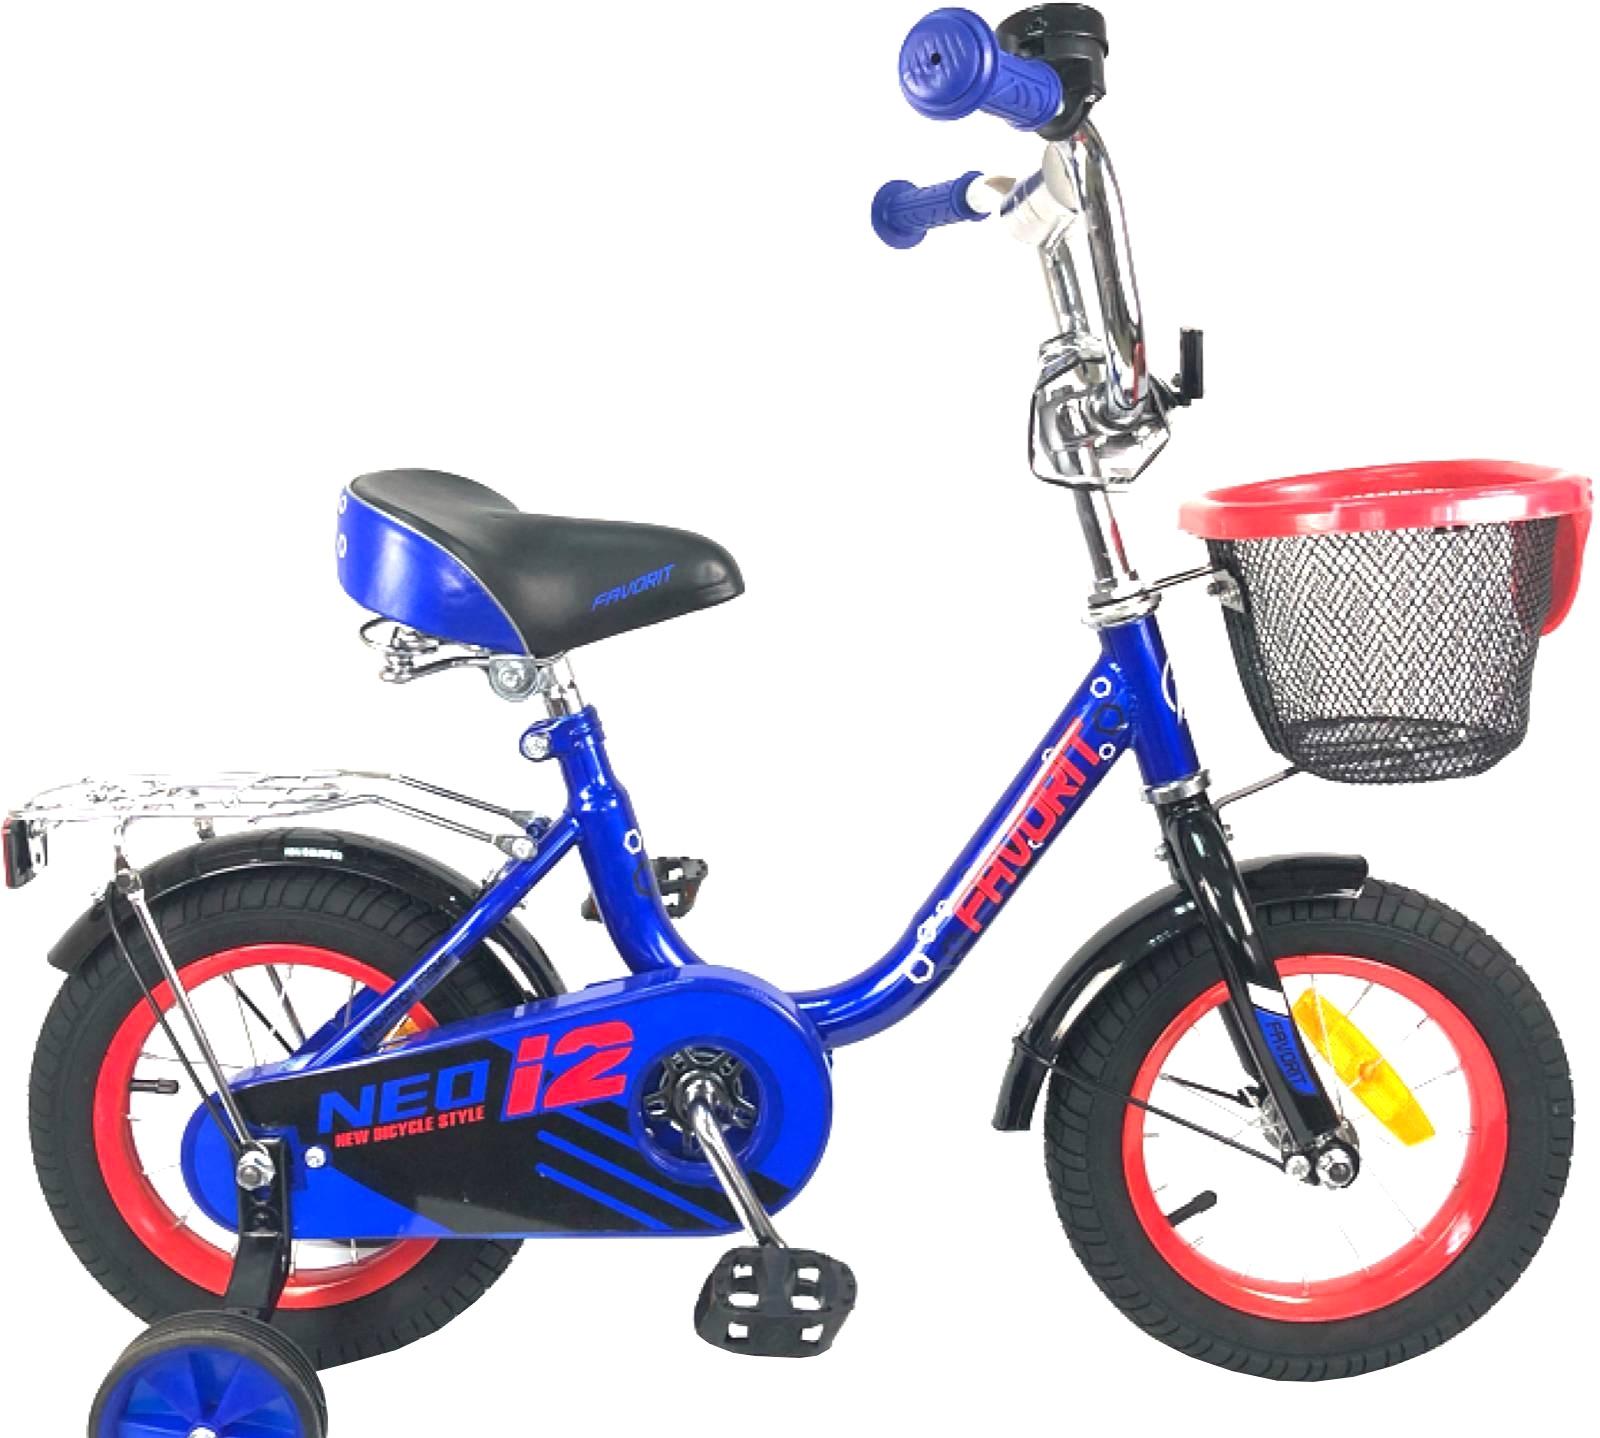 Детский велосипед Favorit Neo 12 (синий, 2019)